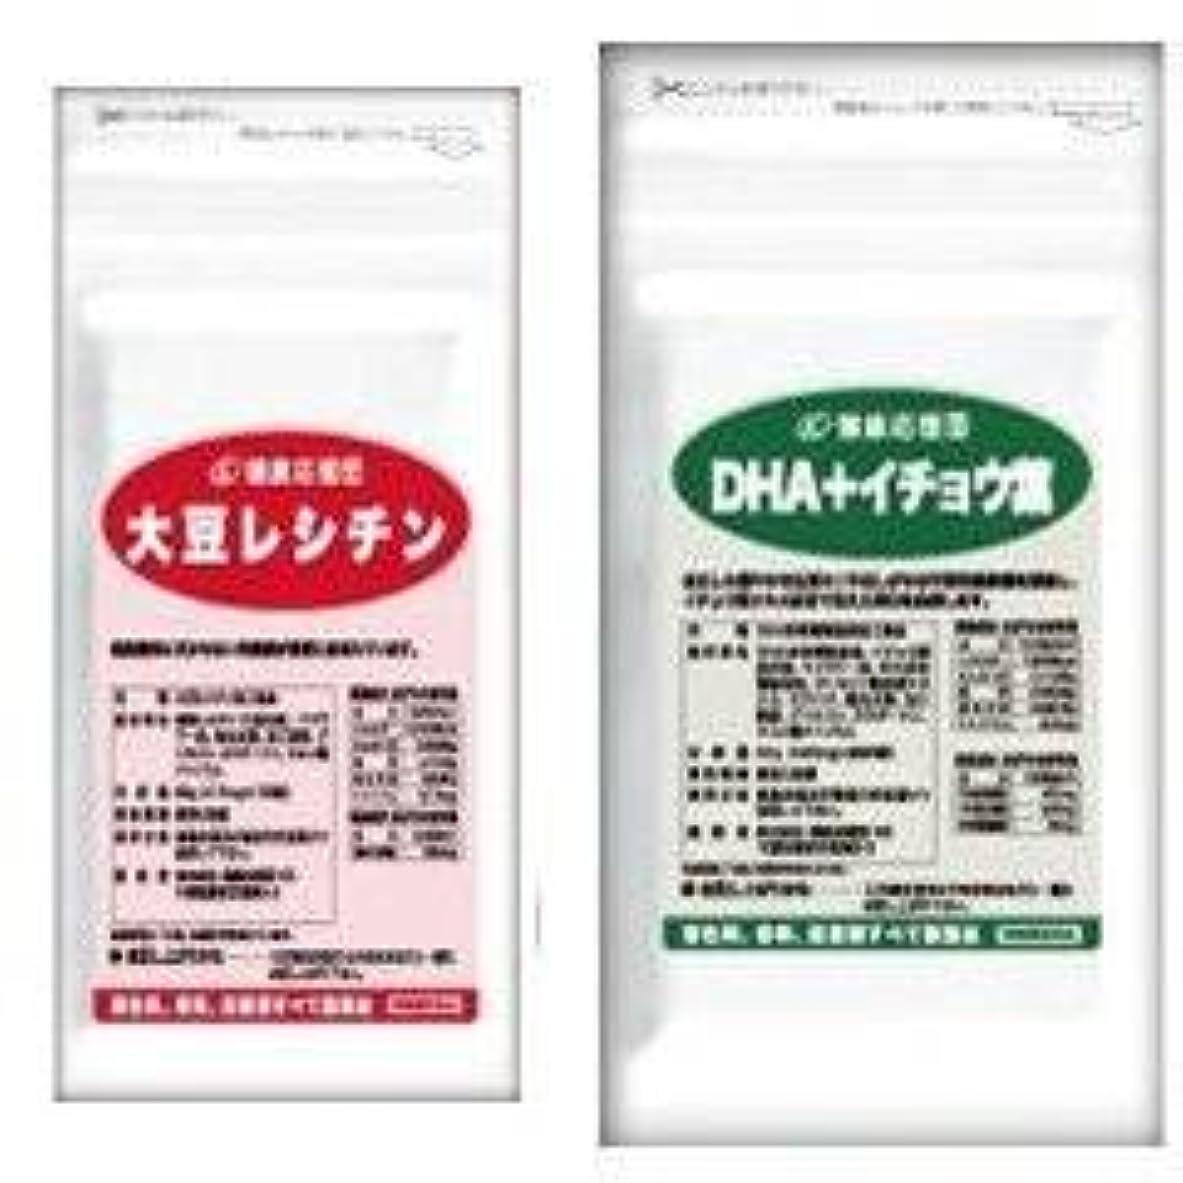 禁止するベジタリアン解決する(お徳用6か月分)流れサラサラセット 大豆レシチン+(DHA?EPA+イチョウ葉)6袋&6袋セット